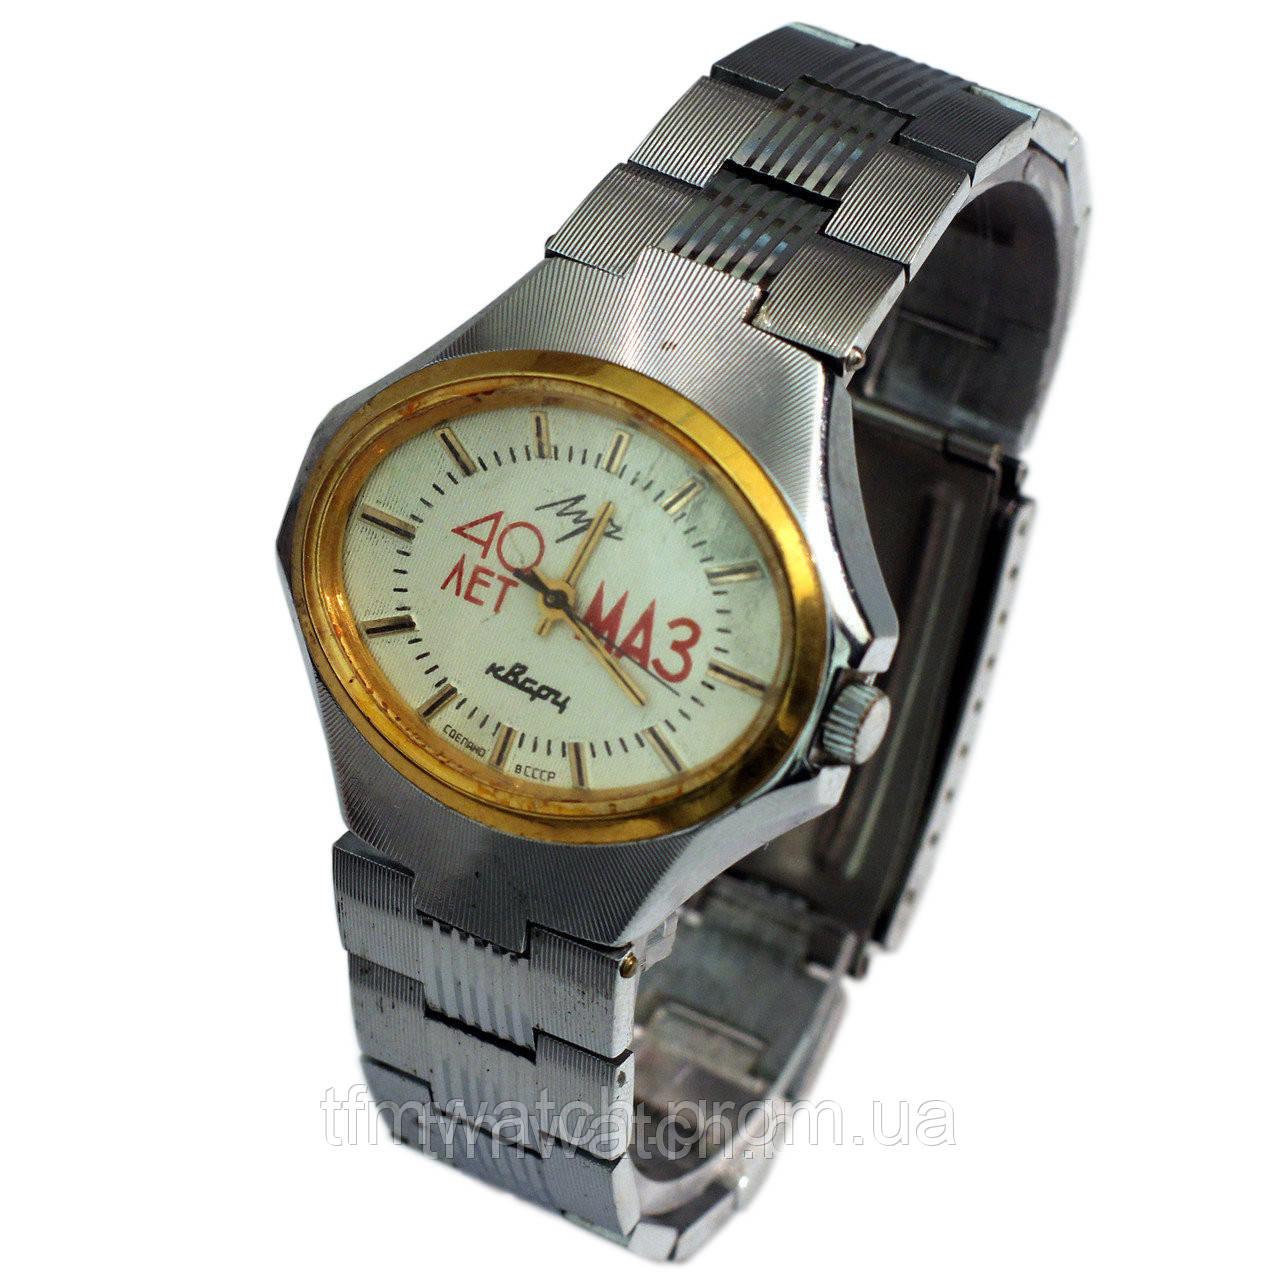 Наручные кварцевые часы луч купить какие хорошие часы наручные мужские